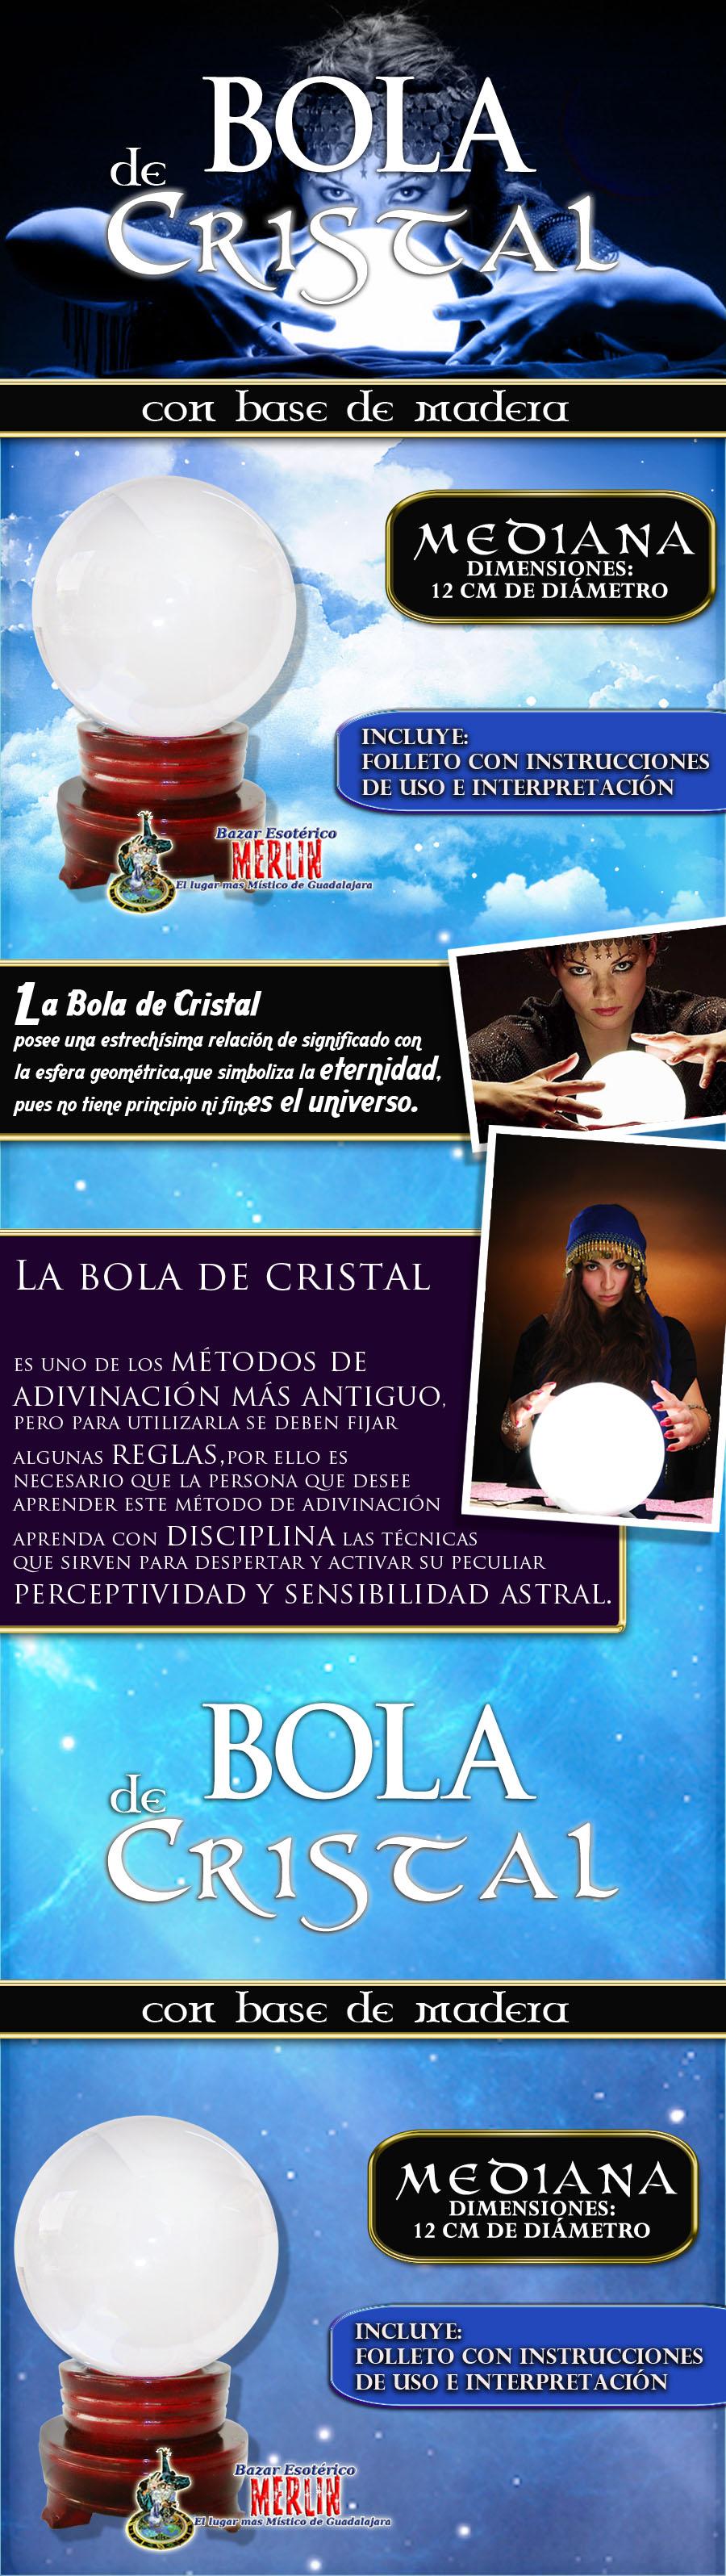 esfera_cristal_medianadiseno